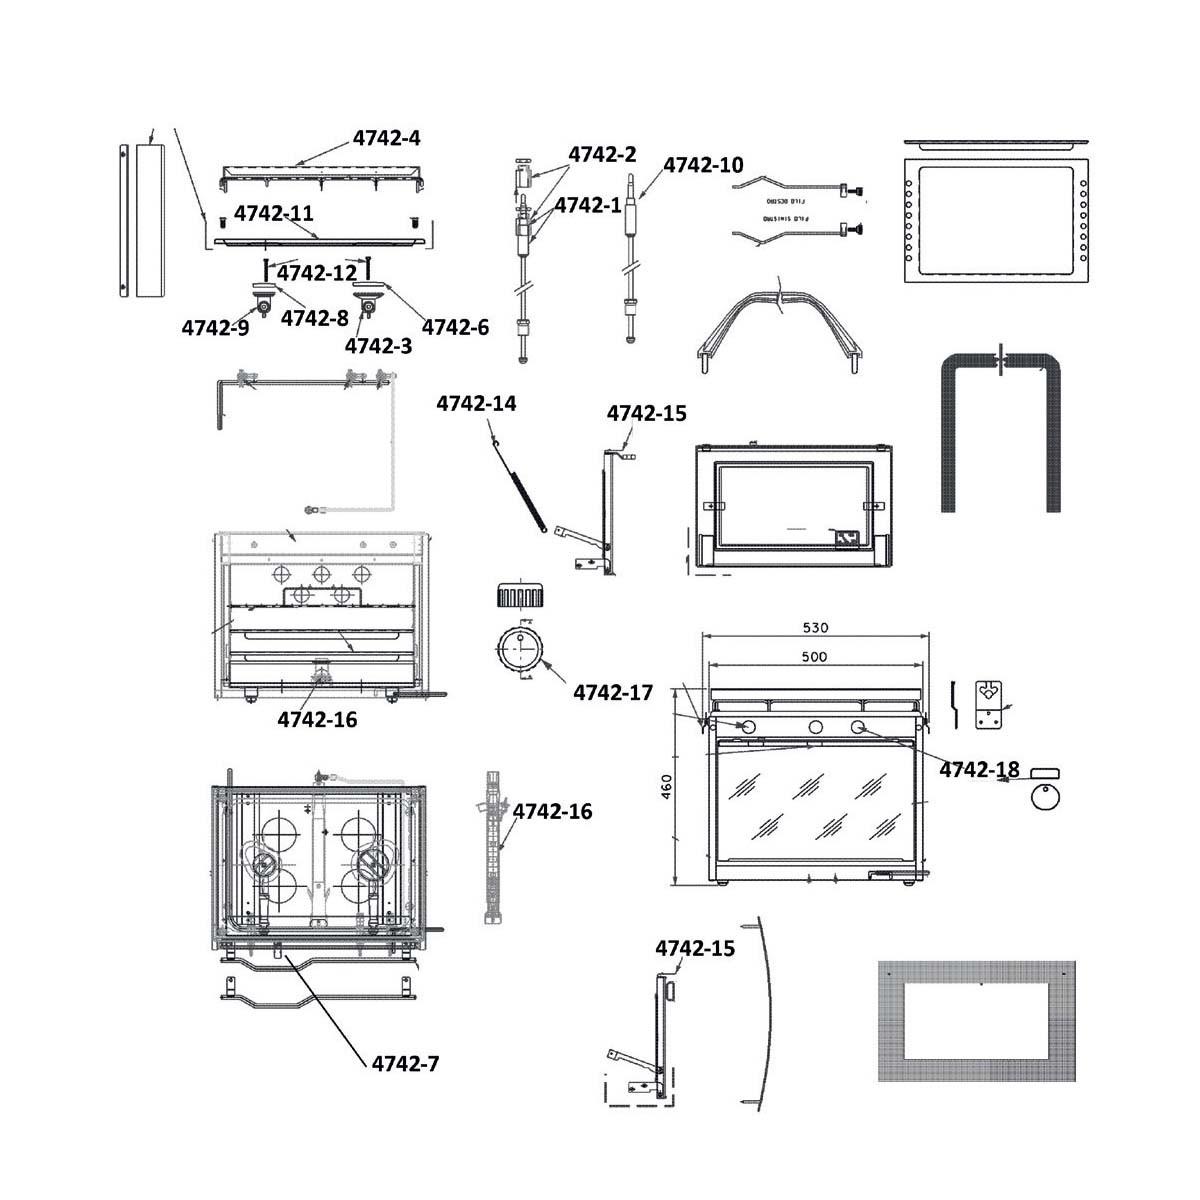 10.62 - Αντάπτορας Θερμοηλεκτρικού Στοιχείου Μ8 - Ανταλλακτικό Κουζίνας